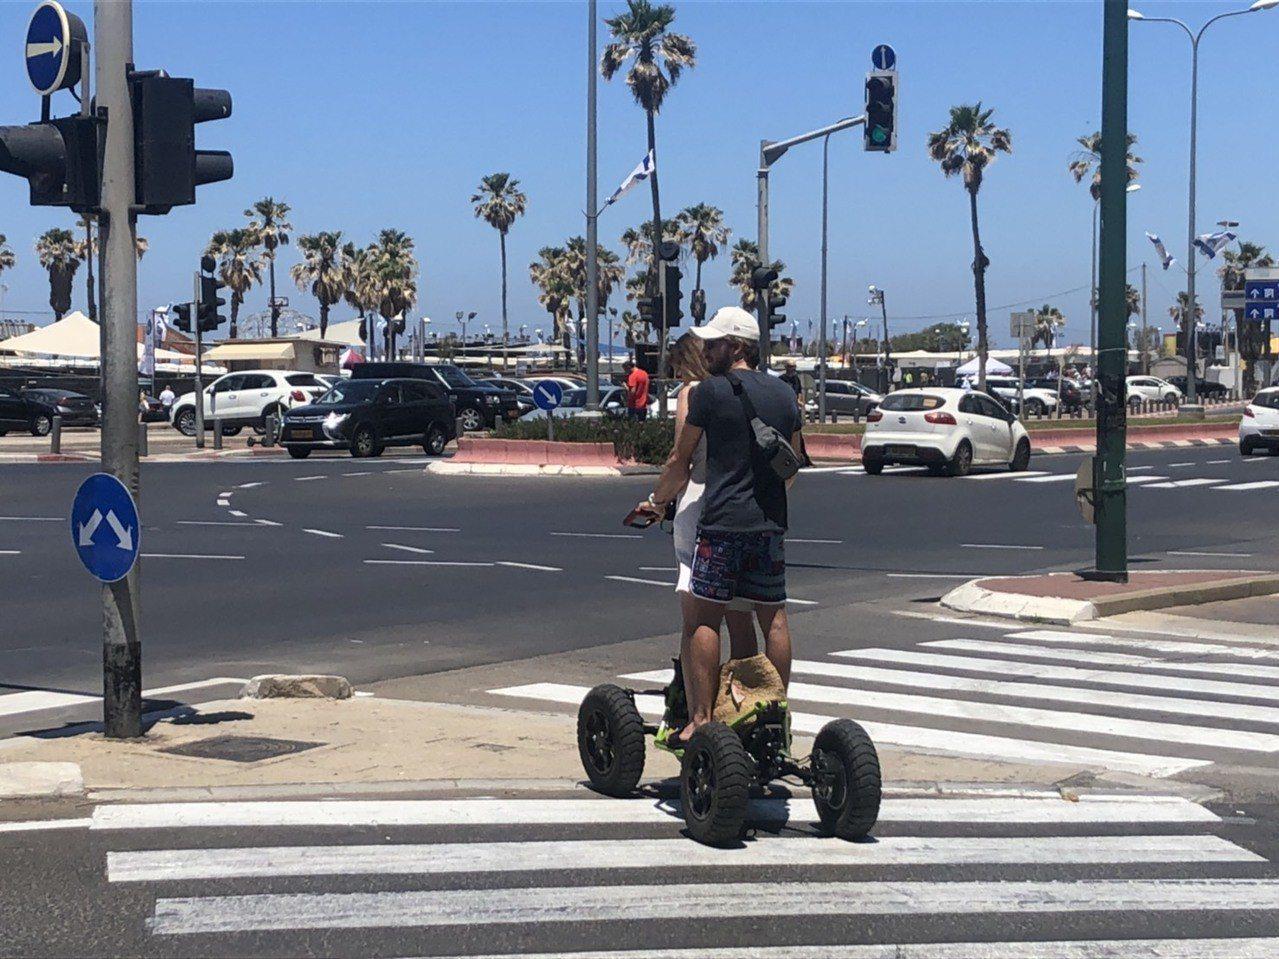 以色列特拉維夫共享電動滑板車盛行,都市及海邊時常可見遊客騎乘。記者侯俐安/攝影